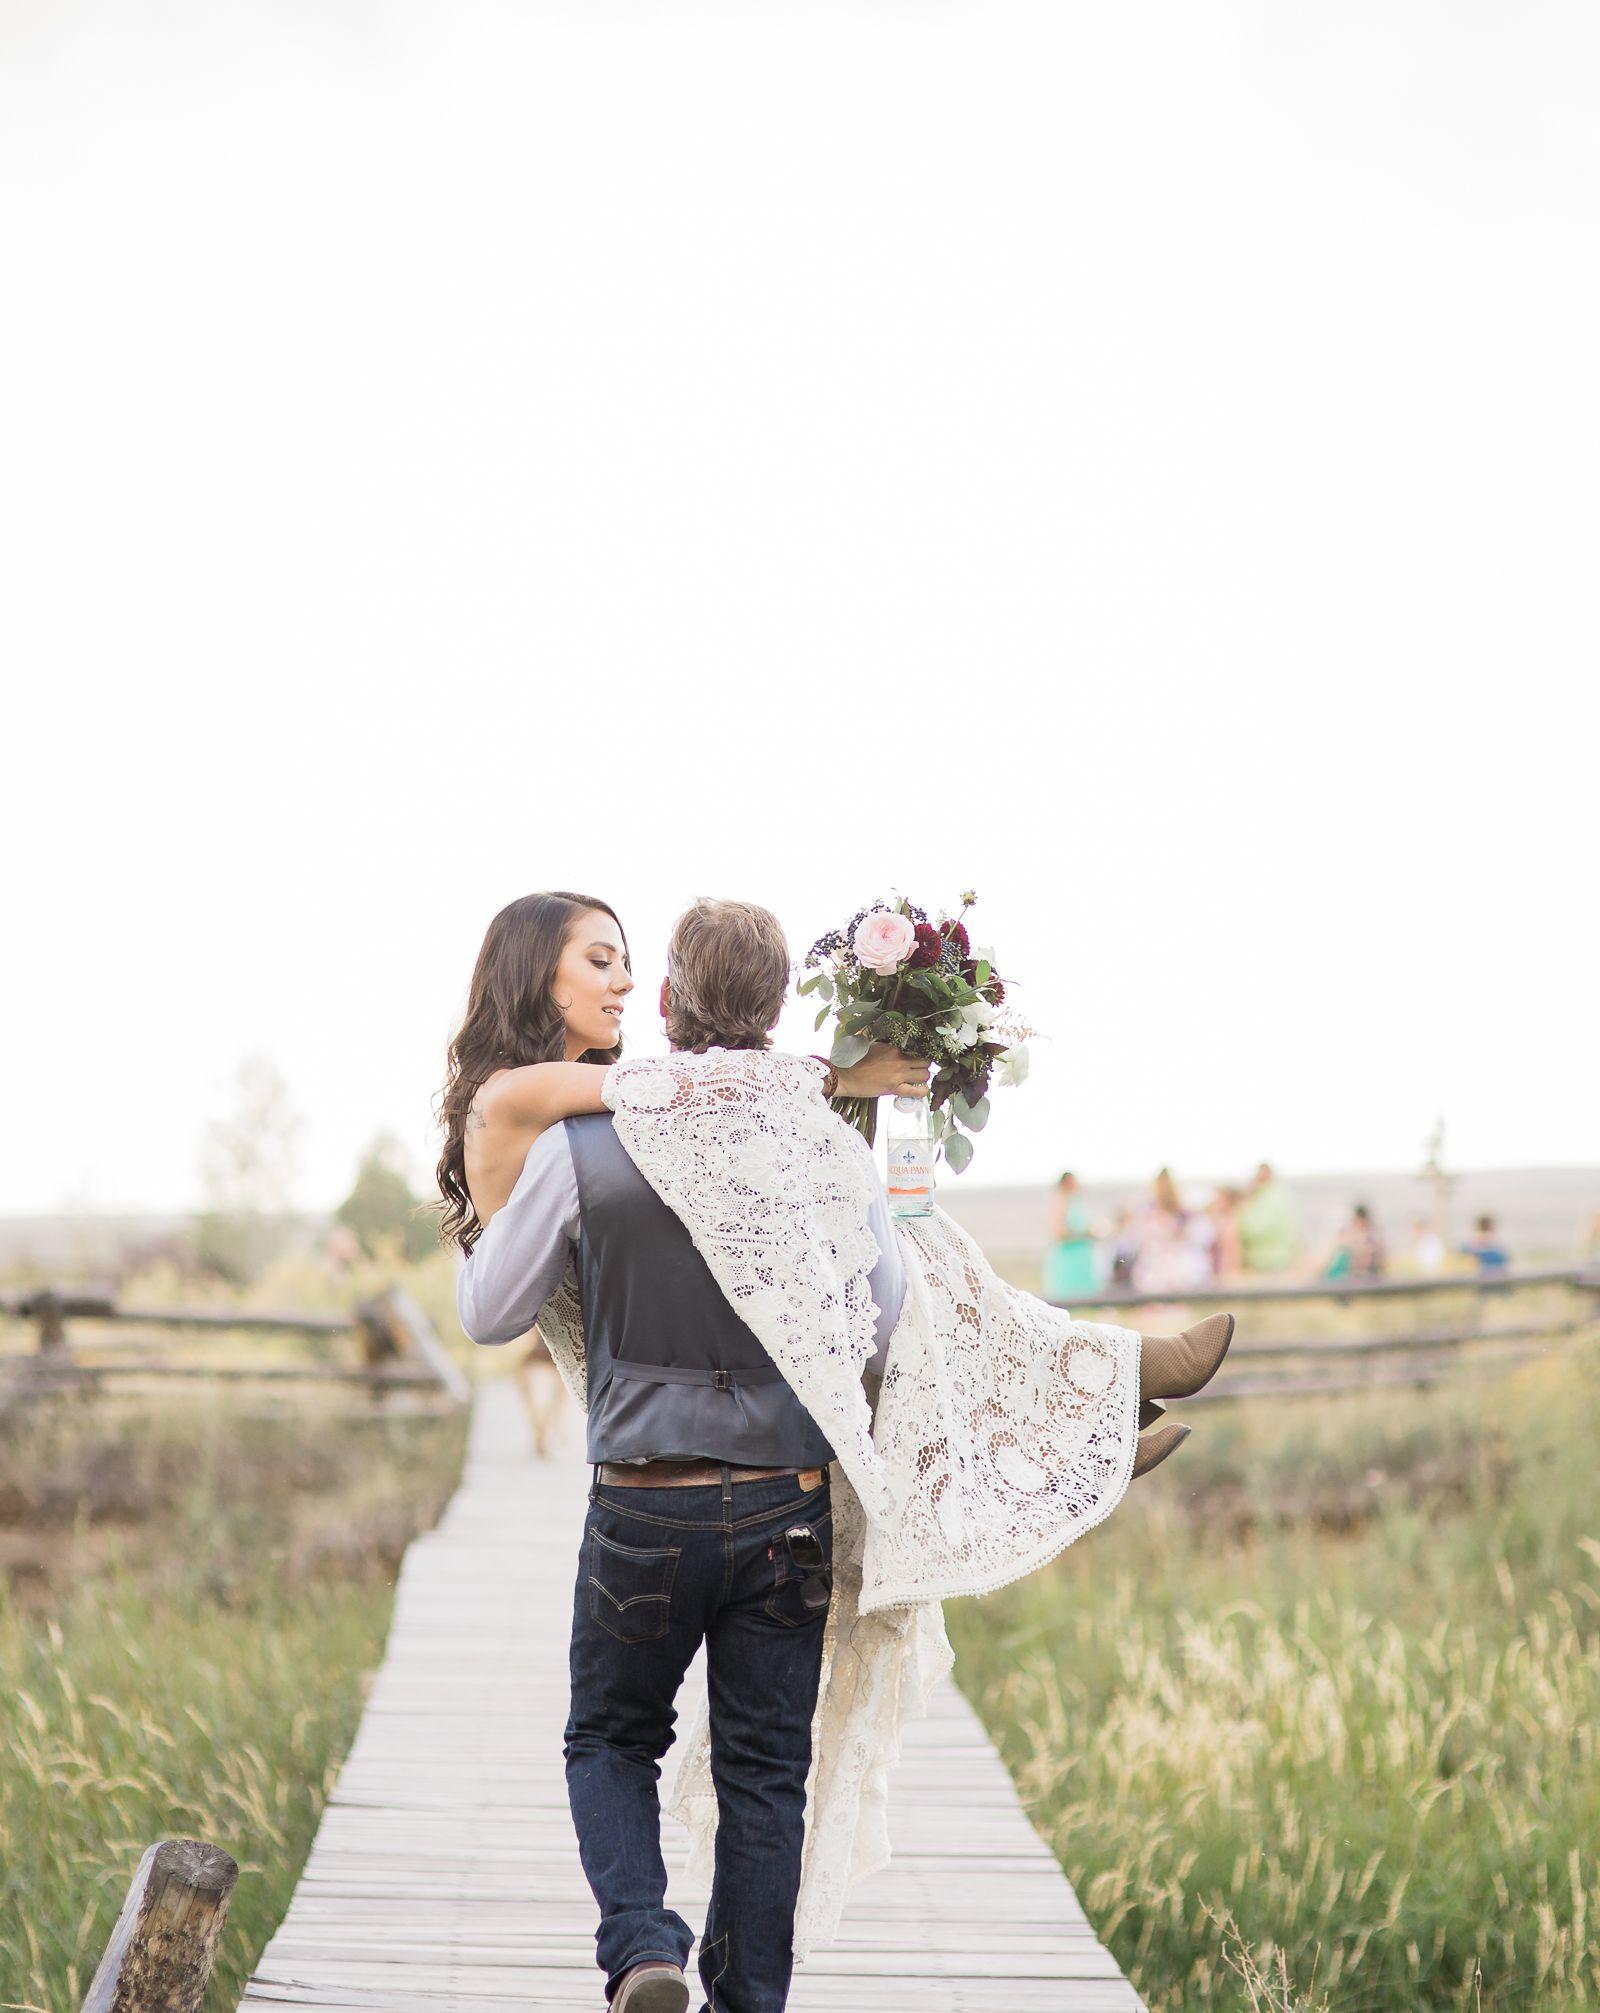 Outdoor wedding ideas boho inspired wedding white lace wedding